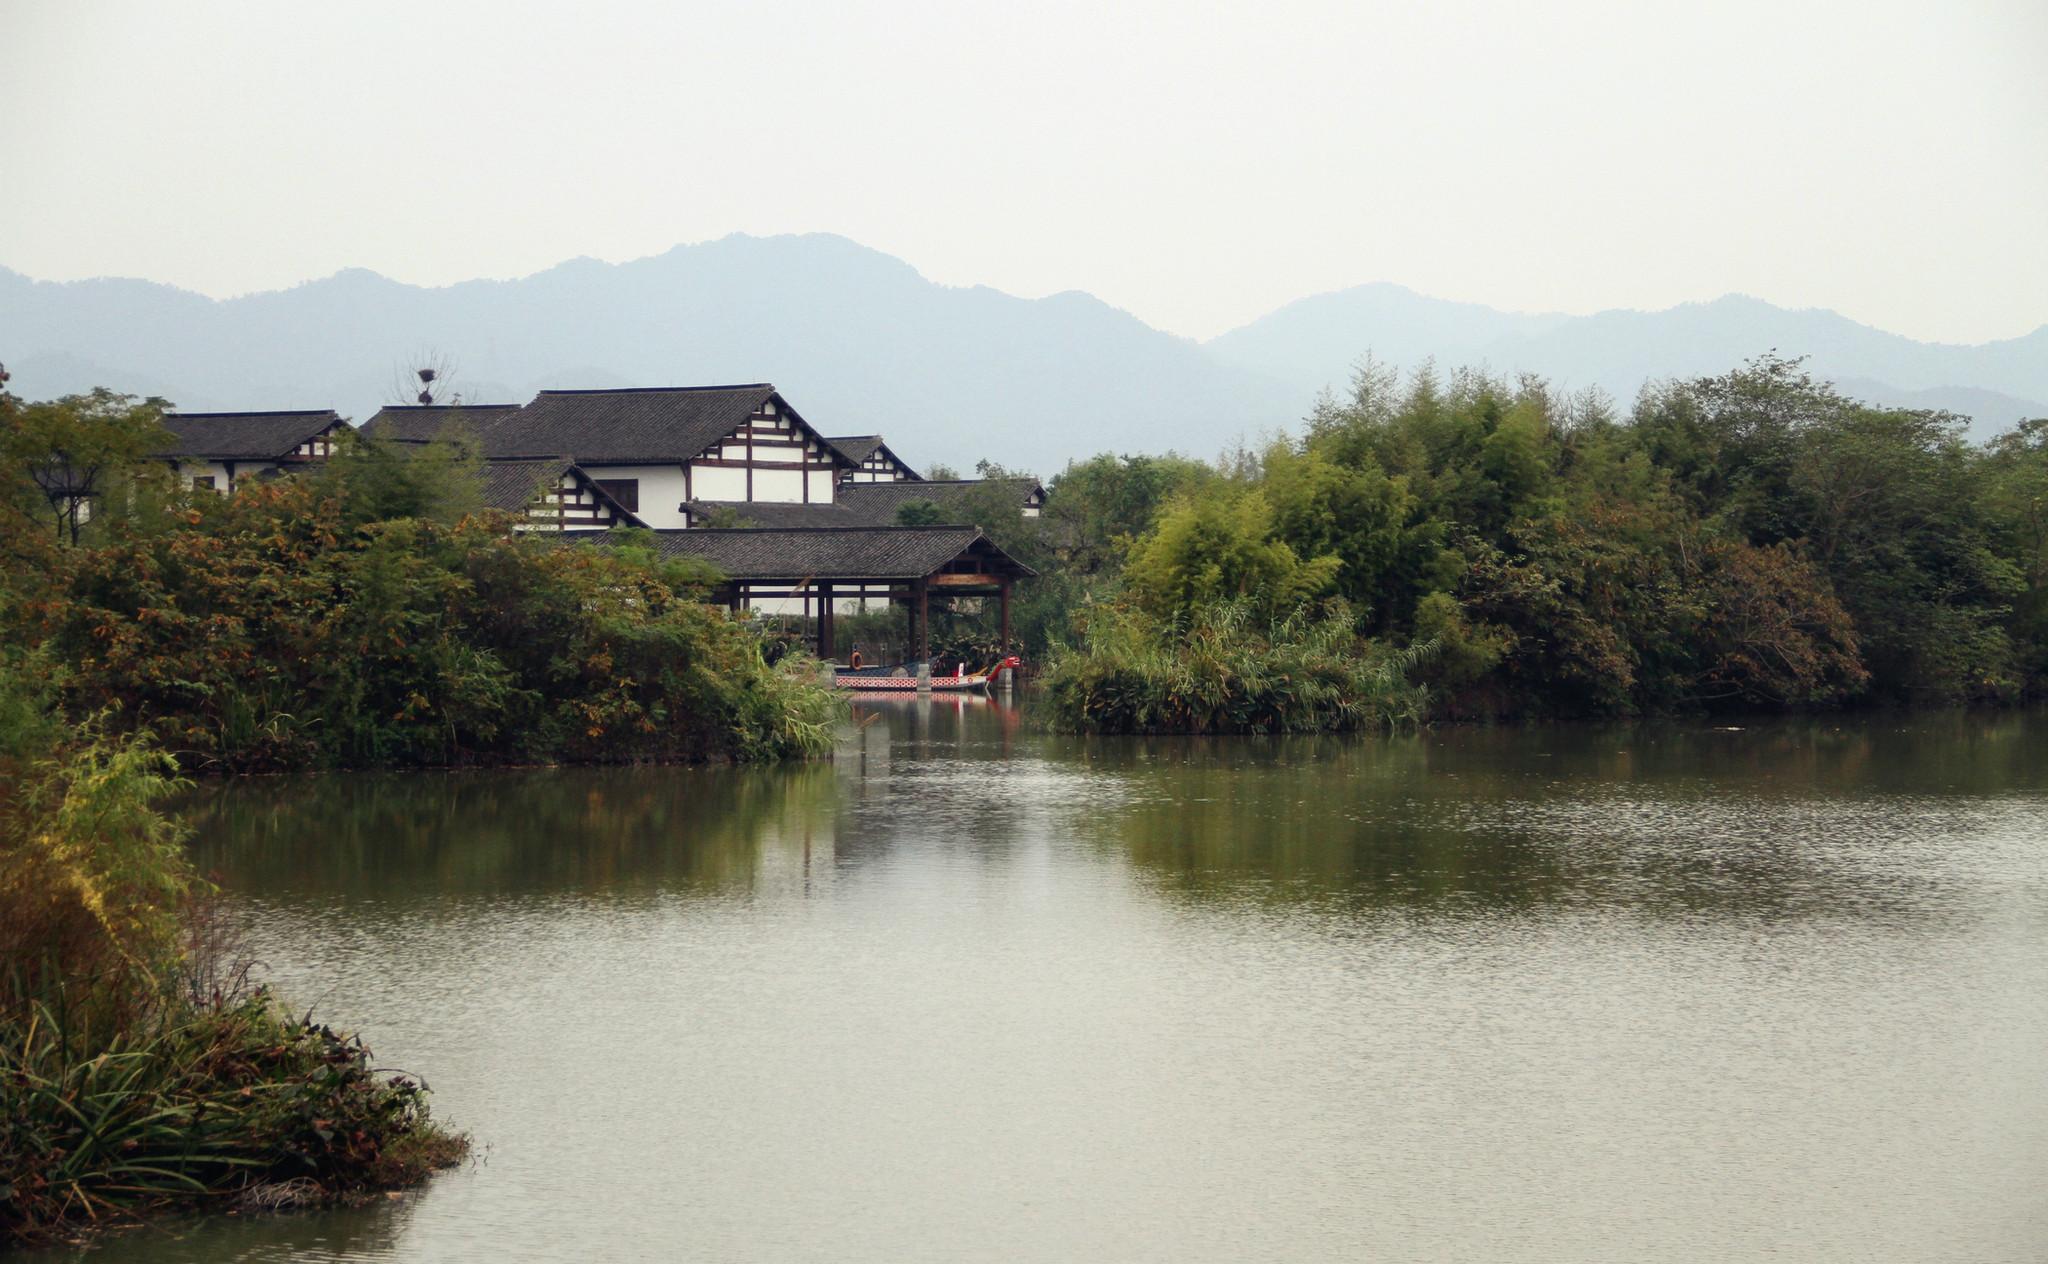 西溪湿地十景是哪些,西溪湿地十景在哪,西溪湿地十景推荐